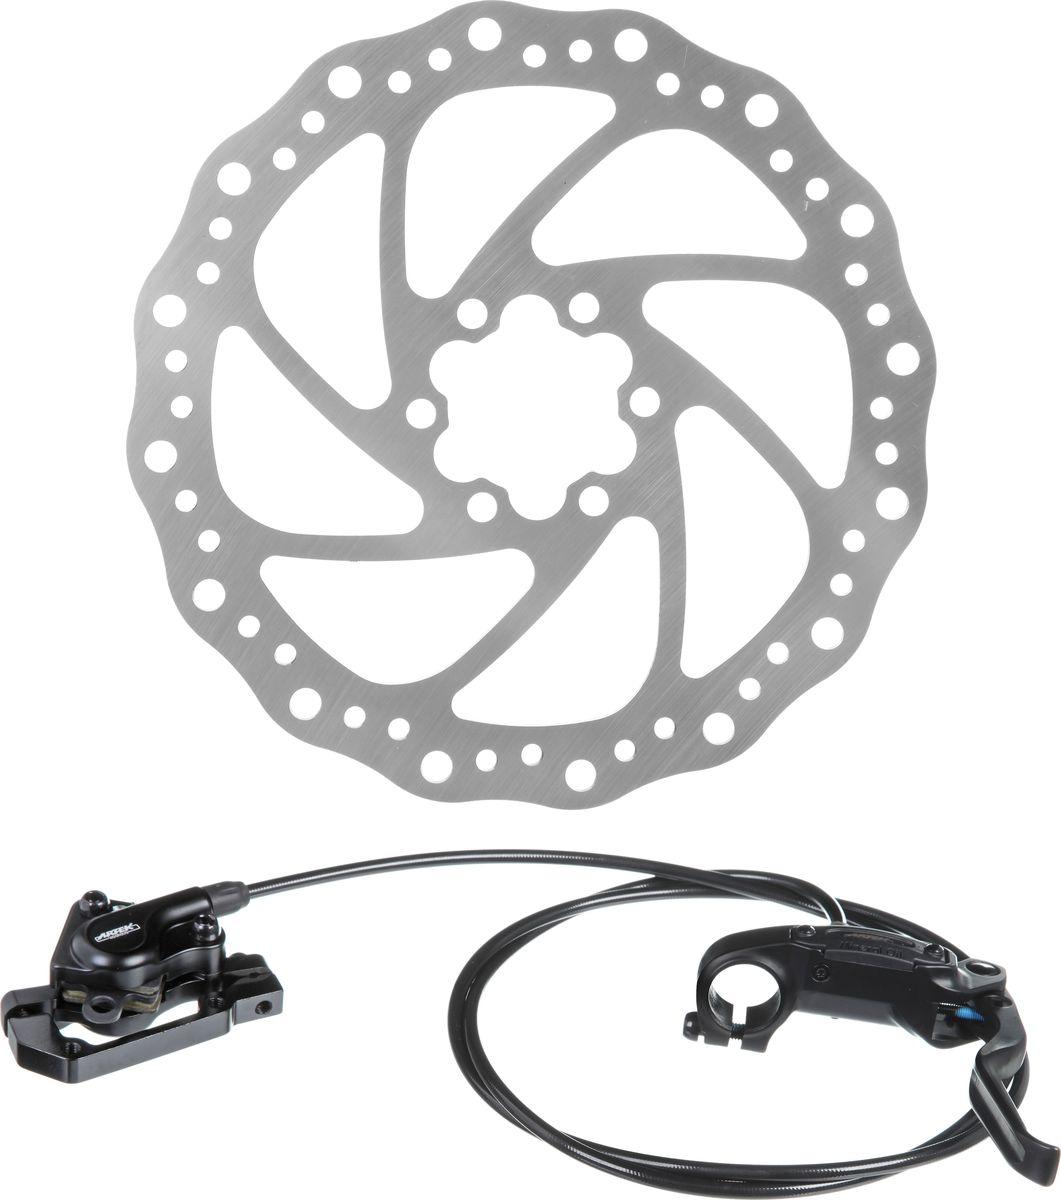 Тормоз гидравлический дисковый Artek ADC-SLP, задний 1350 ммMHDR2G/AТормоз гидравлический дисковый Artek задний, длина 1350 мм. В комплекте ручка, калипер, суппорт с болтами.